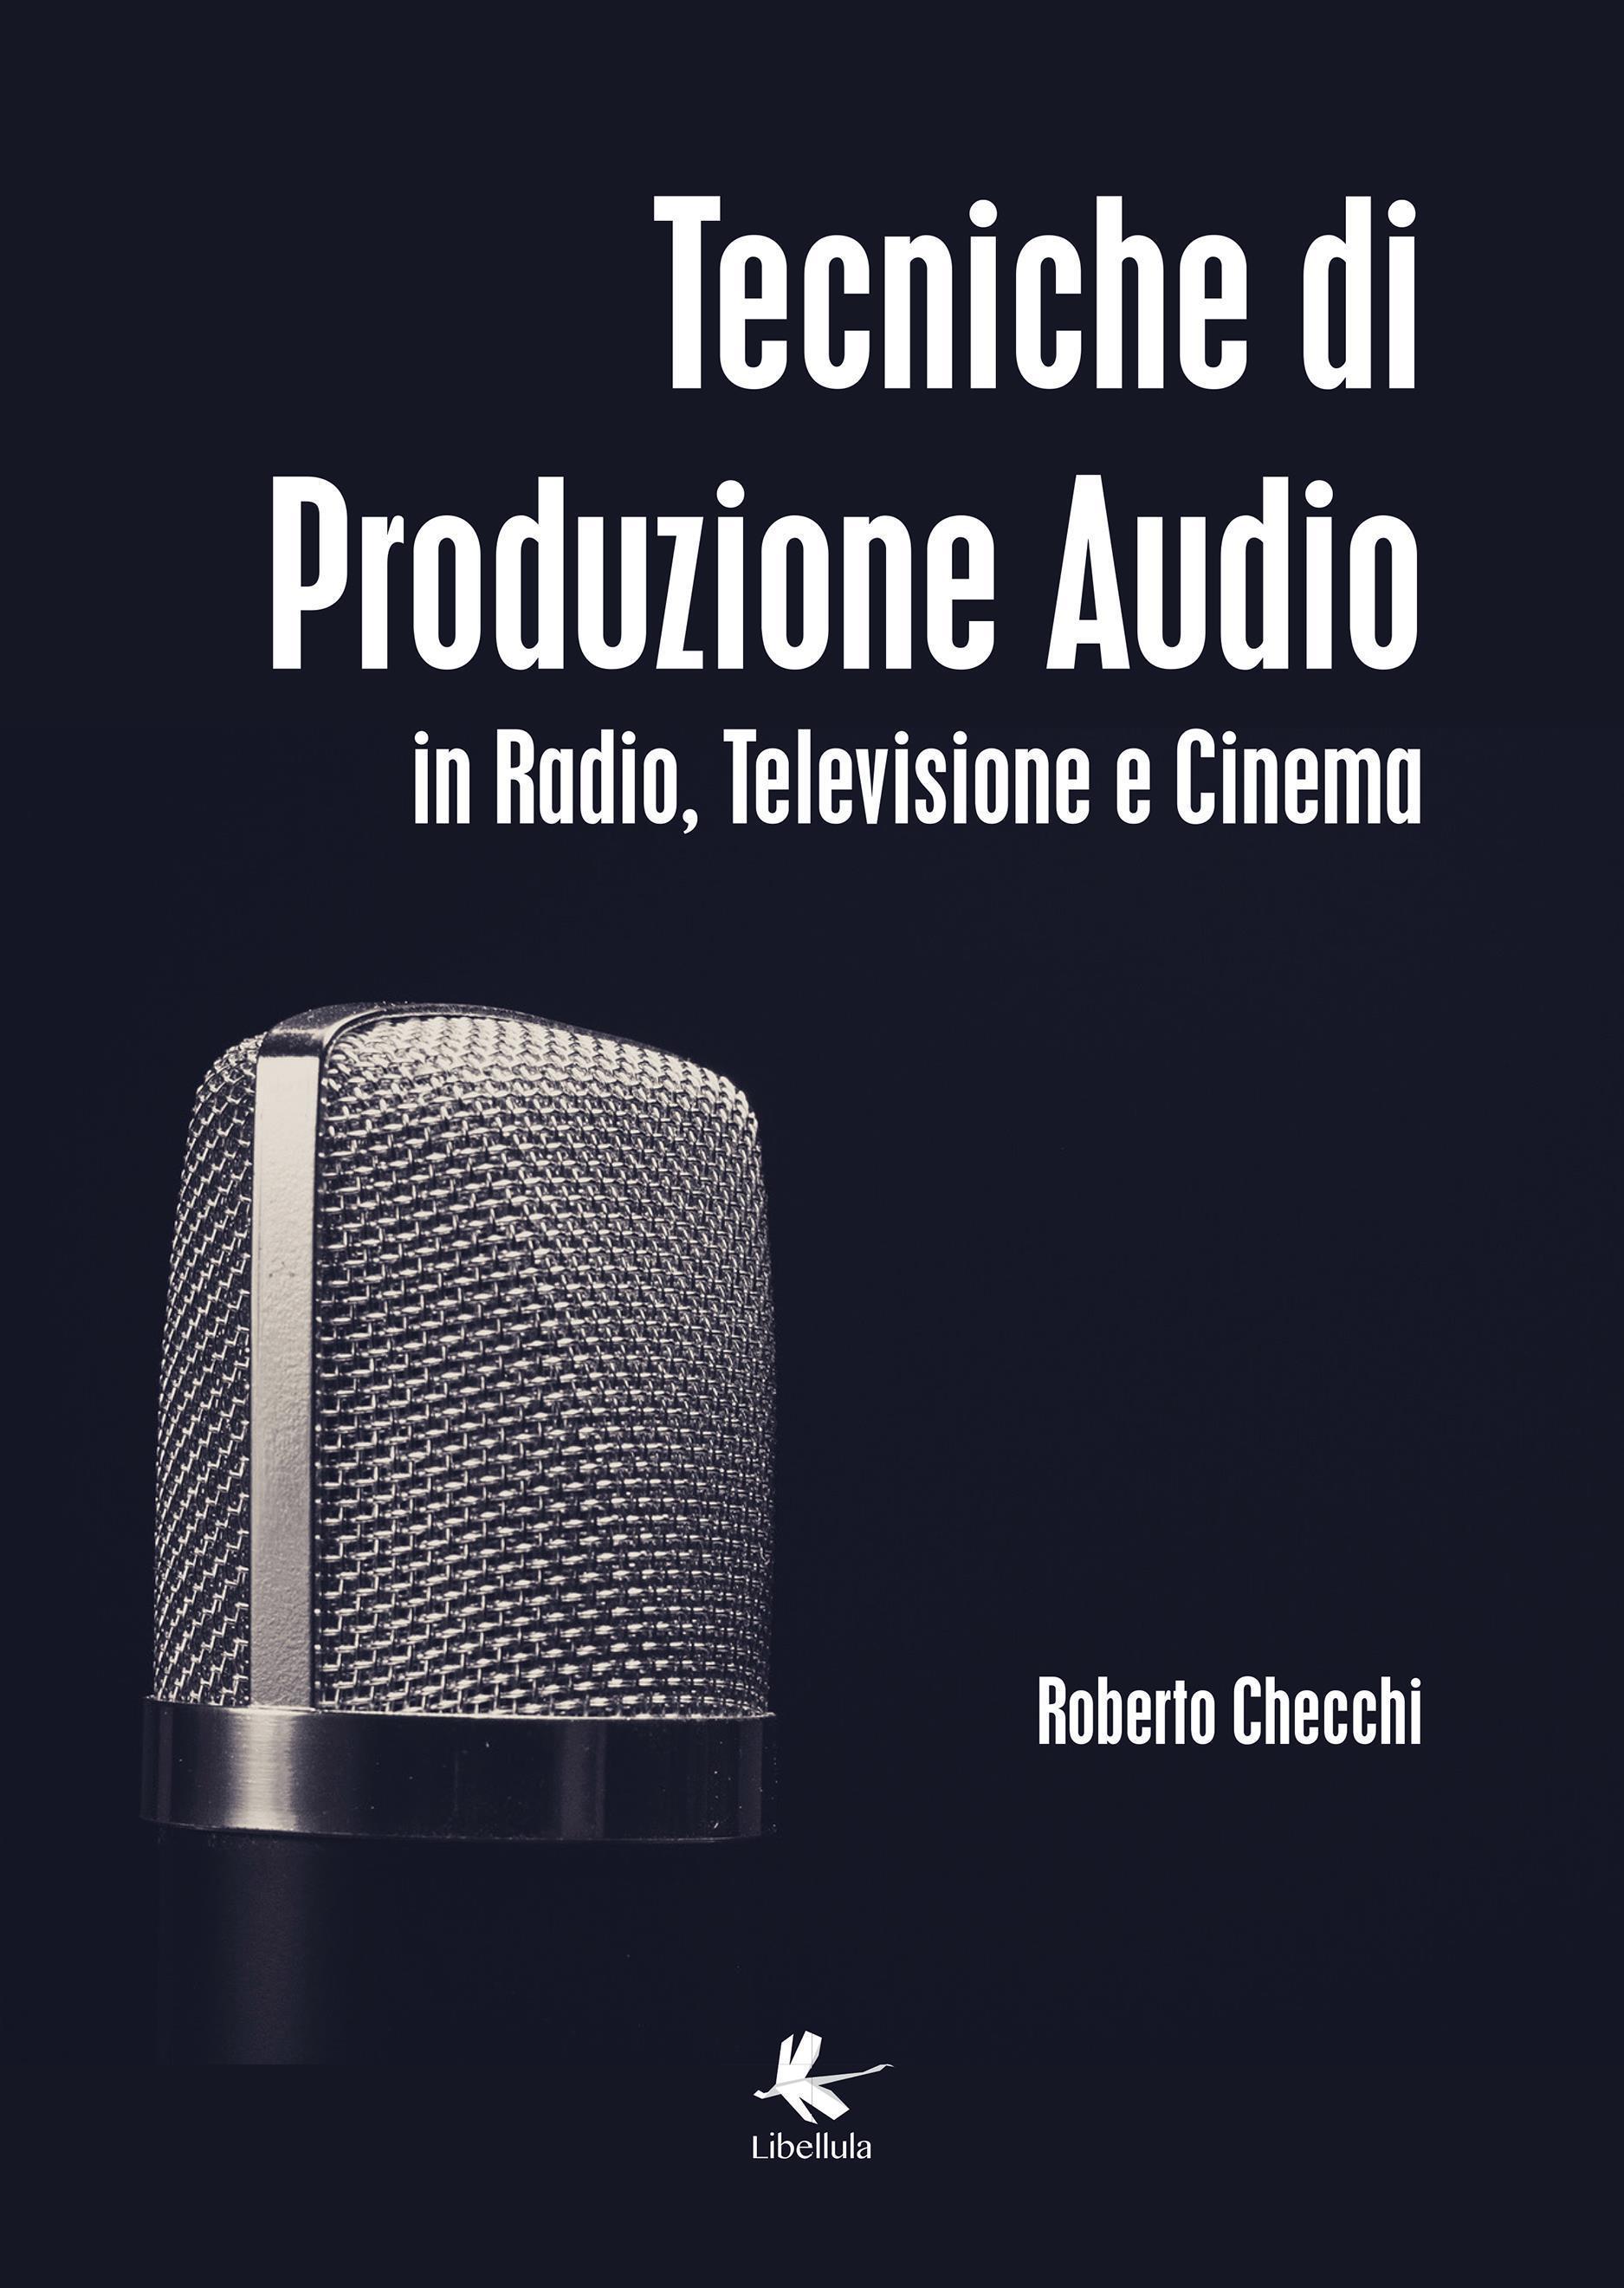 Tecniche di produzione audio in radio, televisione e cinema